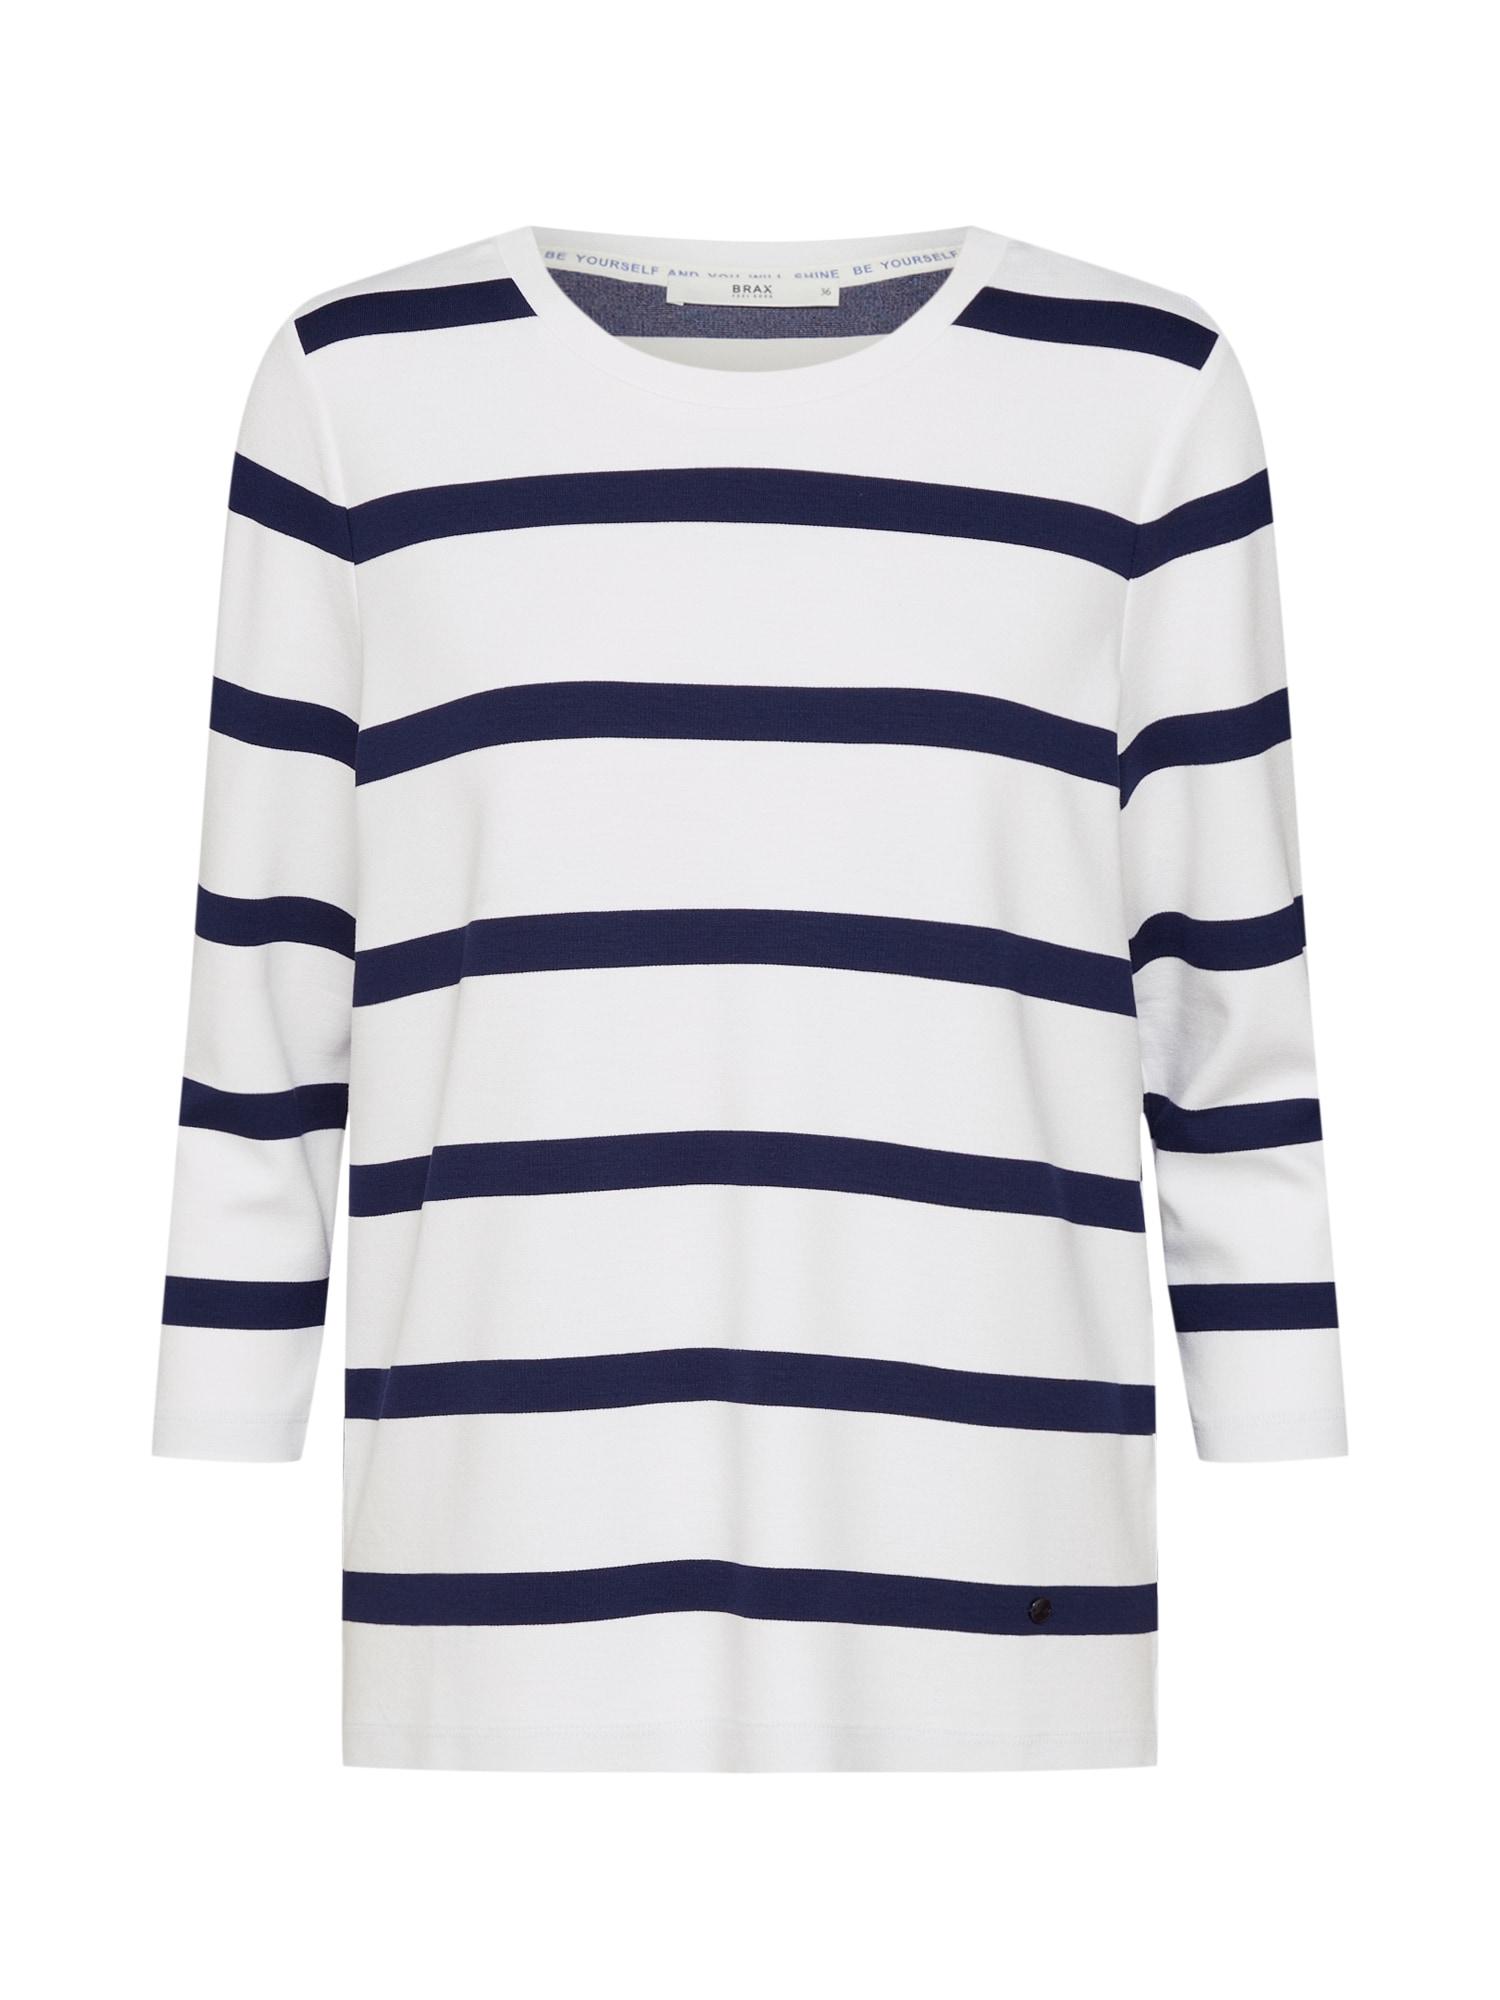 Tričko Bobbie námořnická modř bílá BRAX